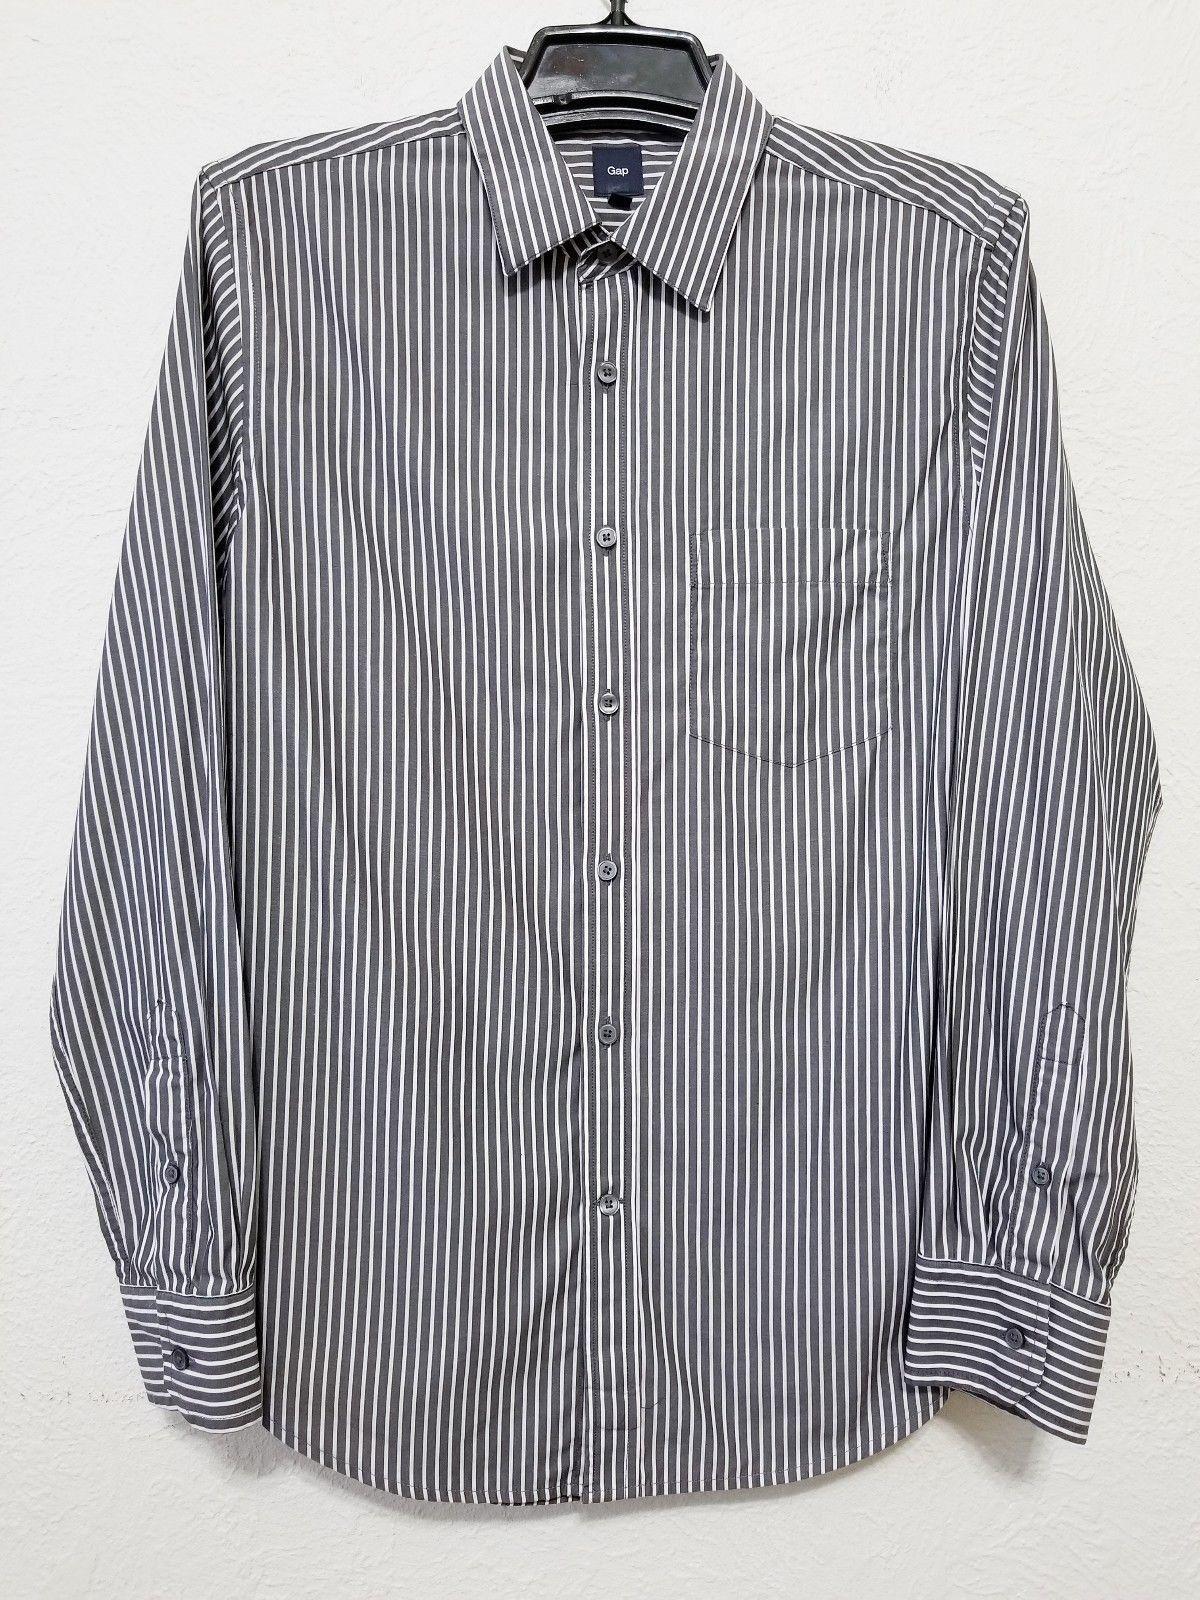 Gap Mens Gray White Striped Dress Shirt Size M Mens Shirt Dress Grey Striped Shirt Shirt Dress [ 1600 x 1200 Pixel ]